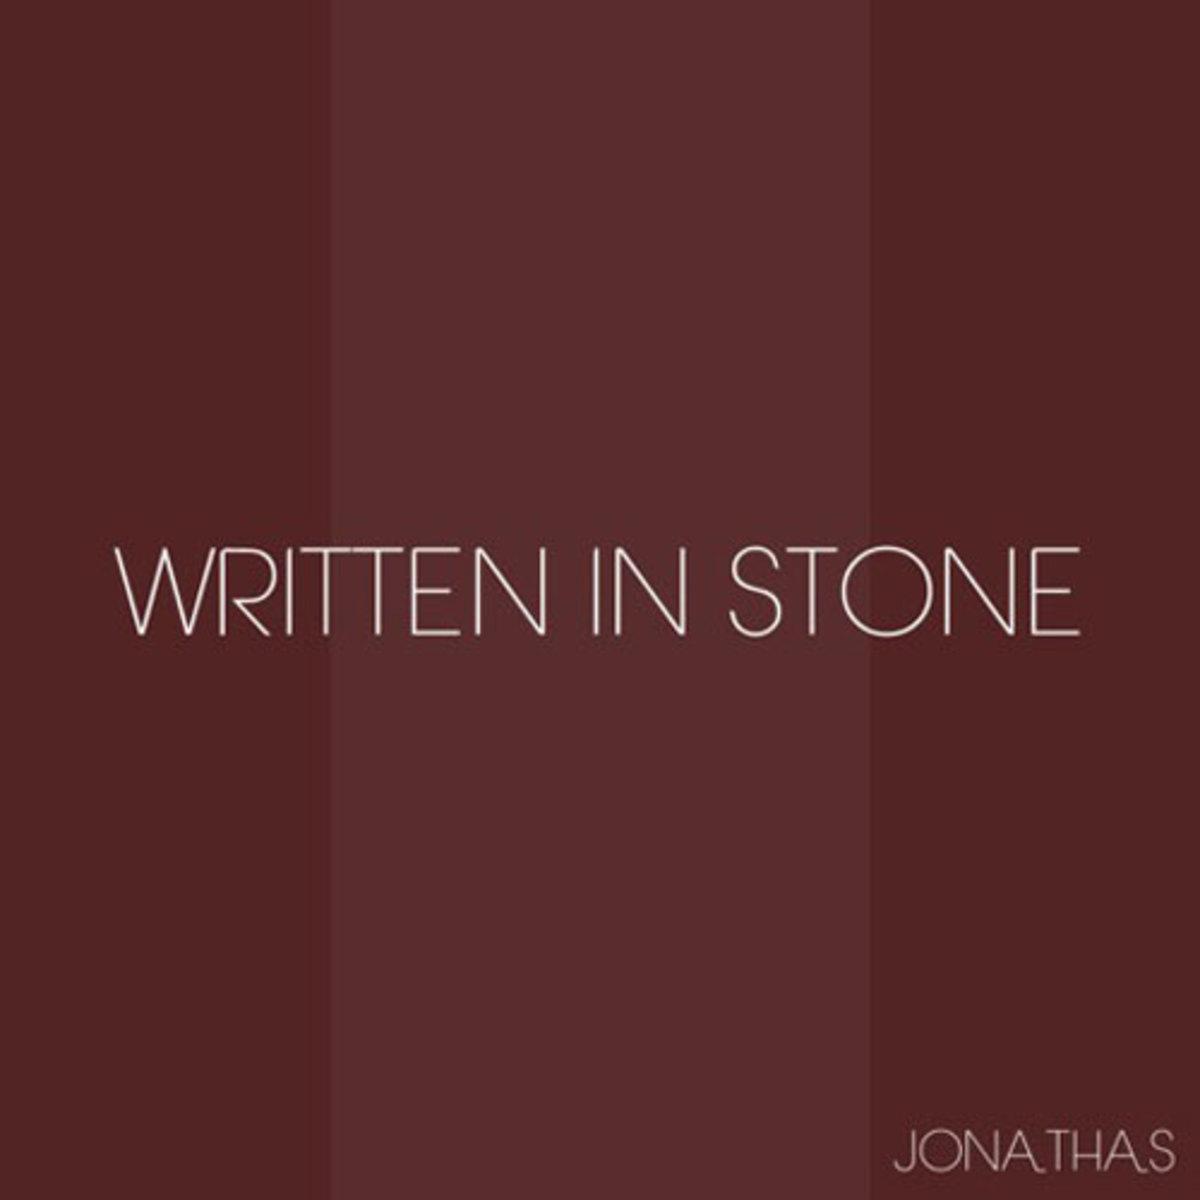 jonathas-writteninstone.jpg